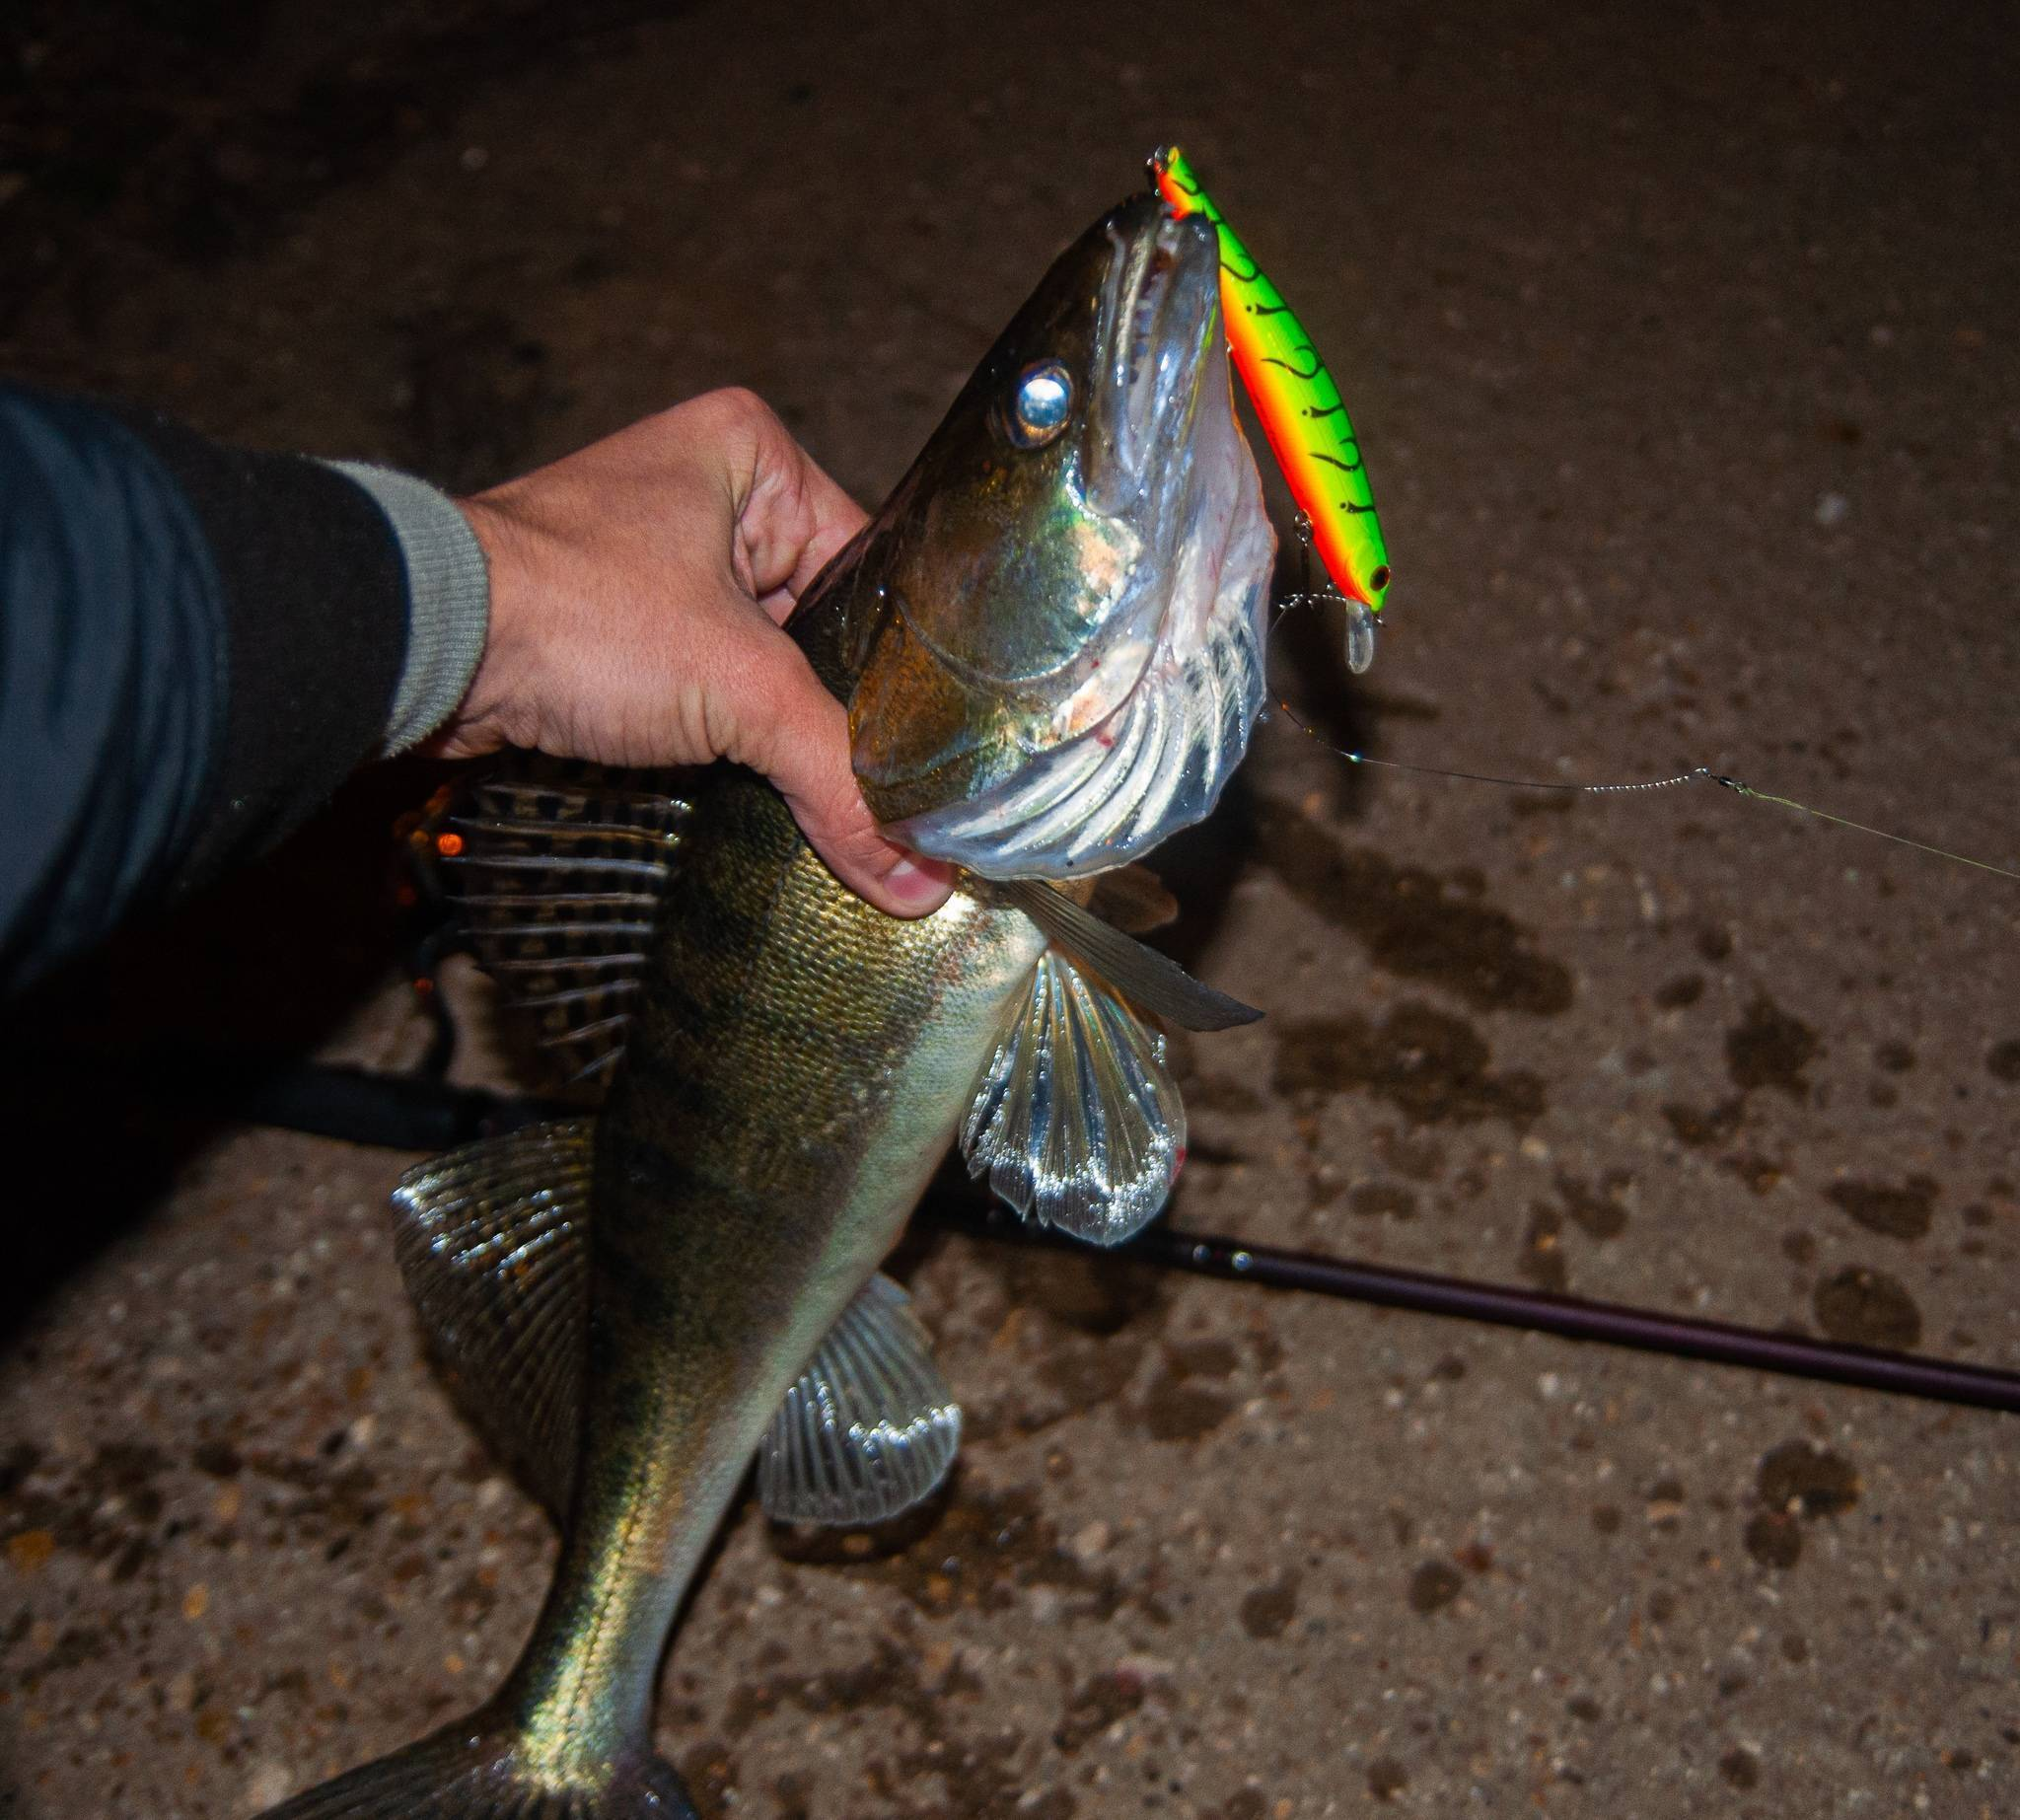 Ловля судака осенью на спиннинг ночью джигом   приманки, места